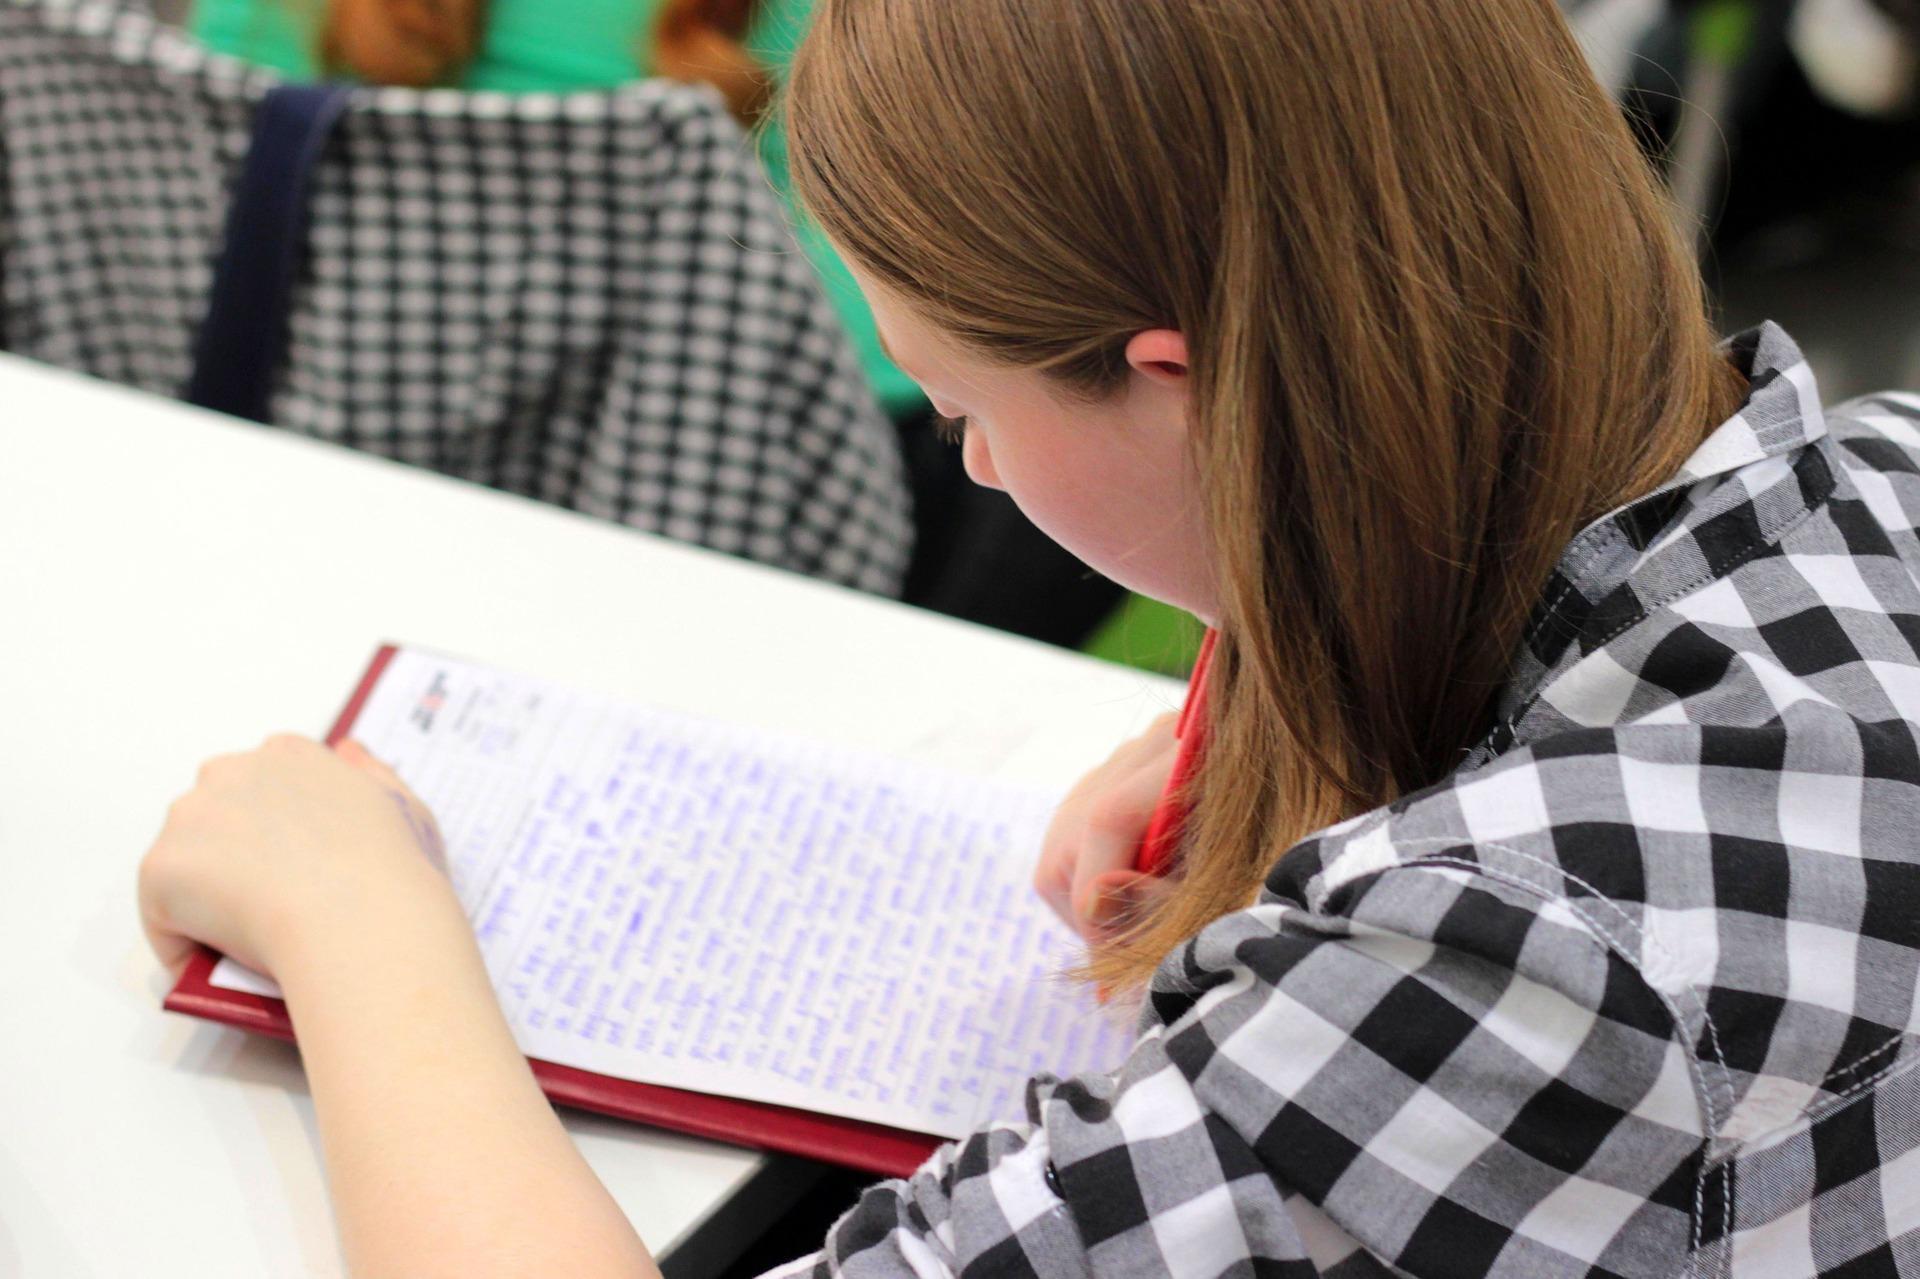 Pós-graduação ou curso de inglês?